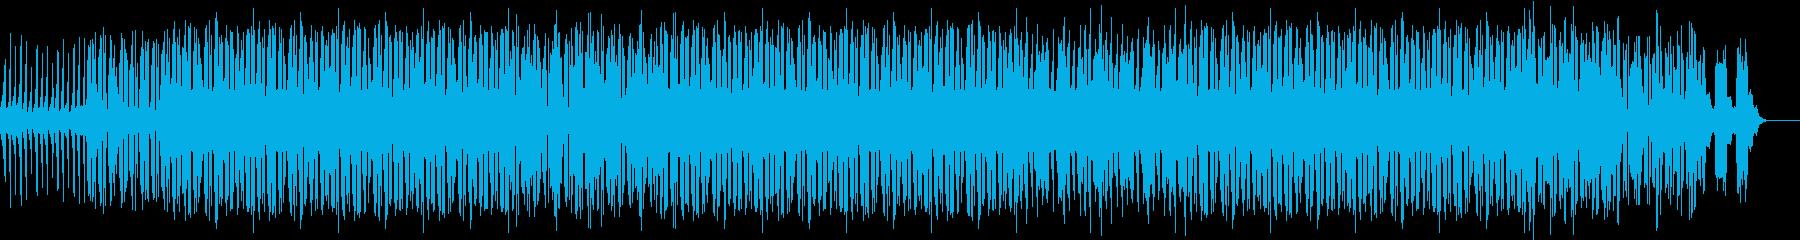 デジタルスクラッチなイメージの曲の再生済みの波形